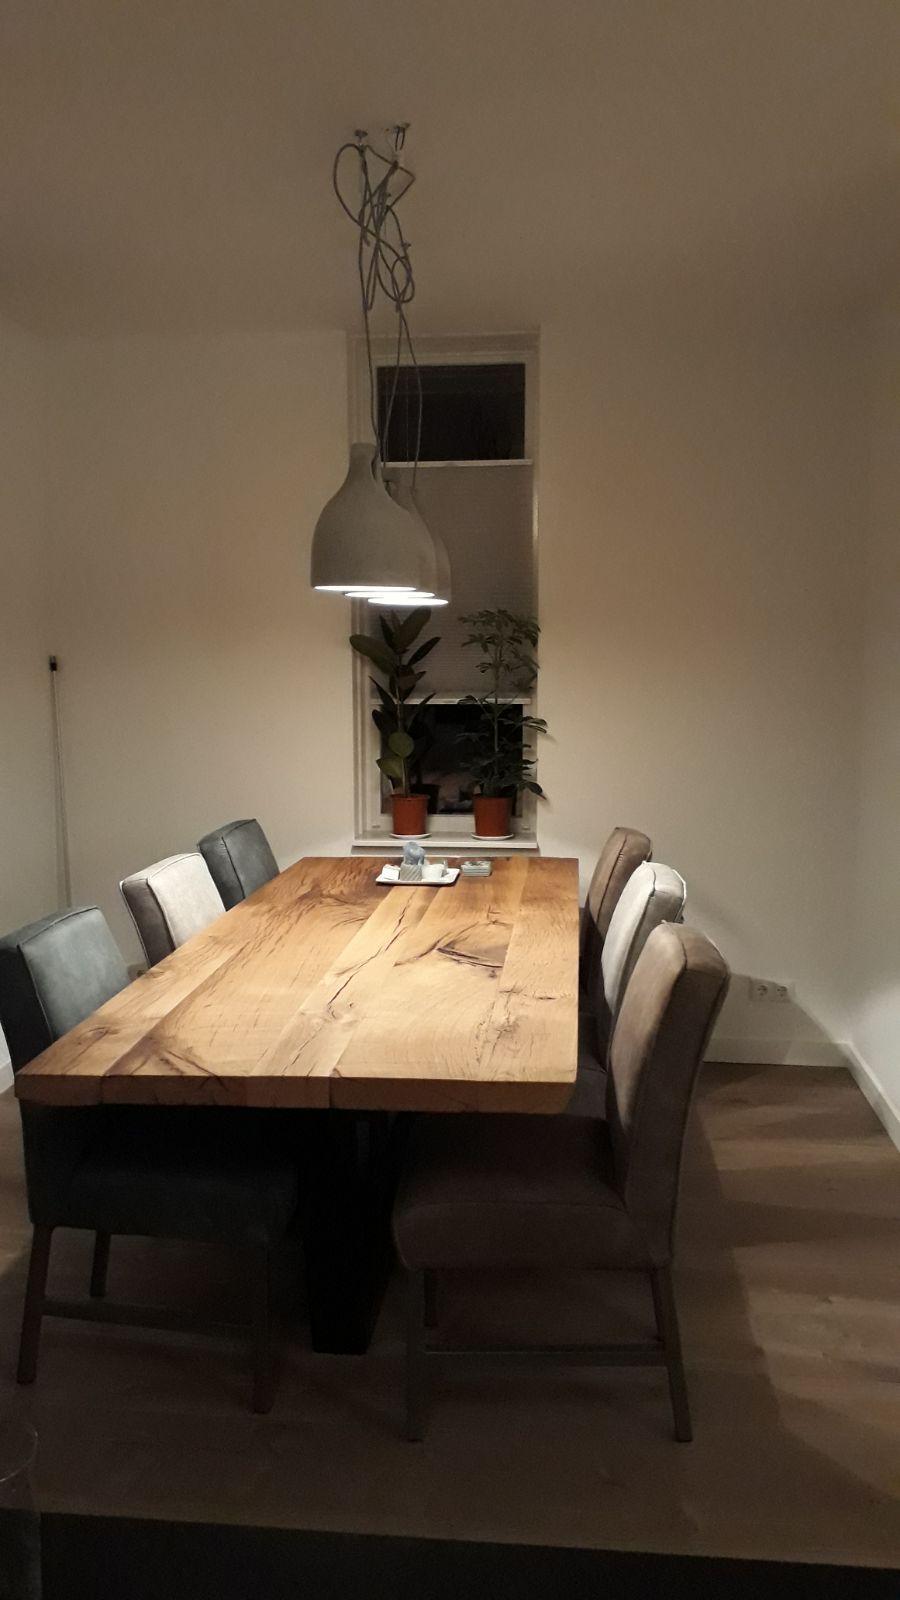 onze-eettafel-die-heerlijk-in-de-keuken-staat-samen-een-superstoere-combinatie